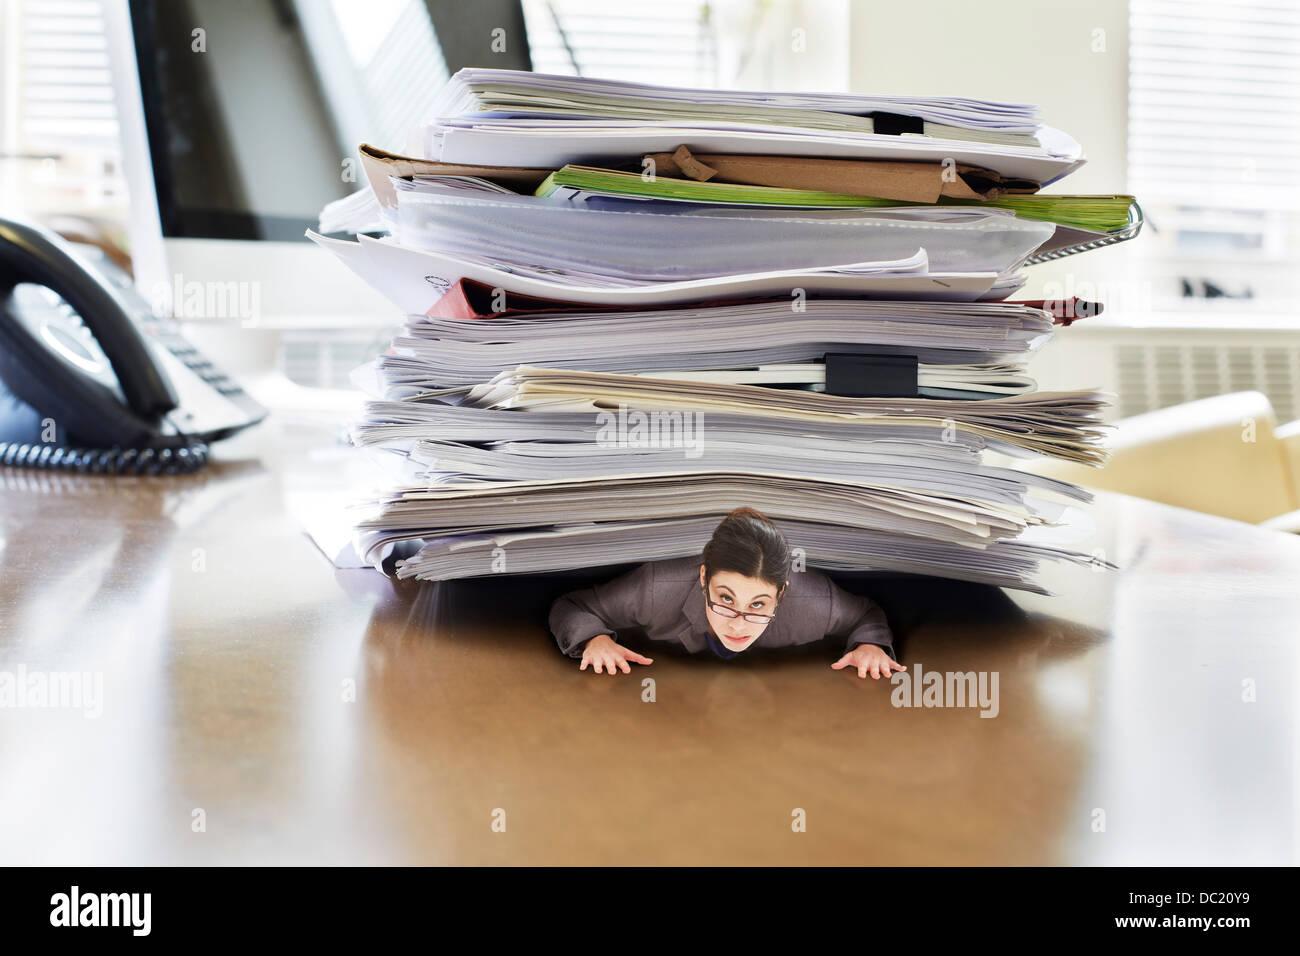 La empresaria atrapados debajo de la pila de grandes documentos sobre el escritorio de gran tamaño, Retrato Imagen De Stock